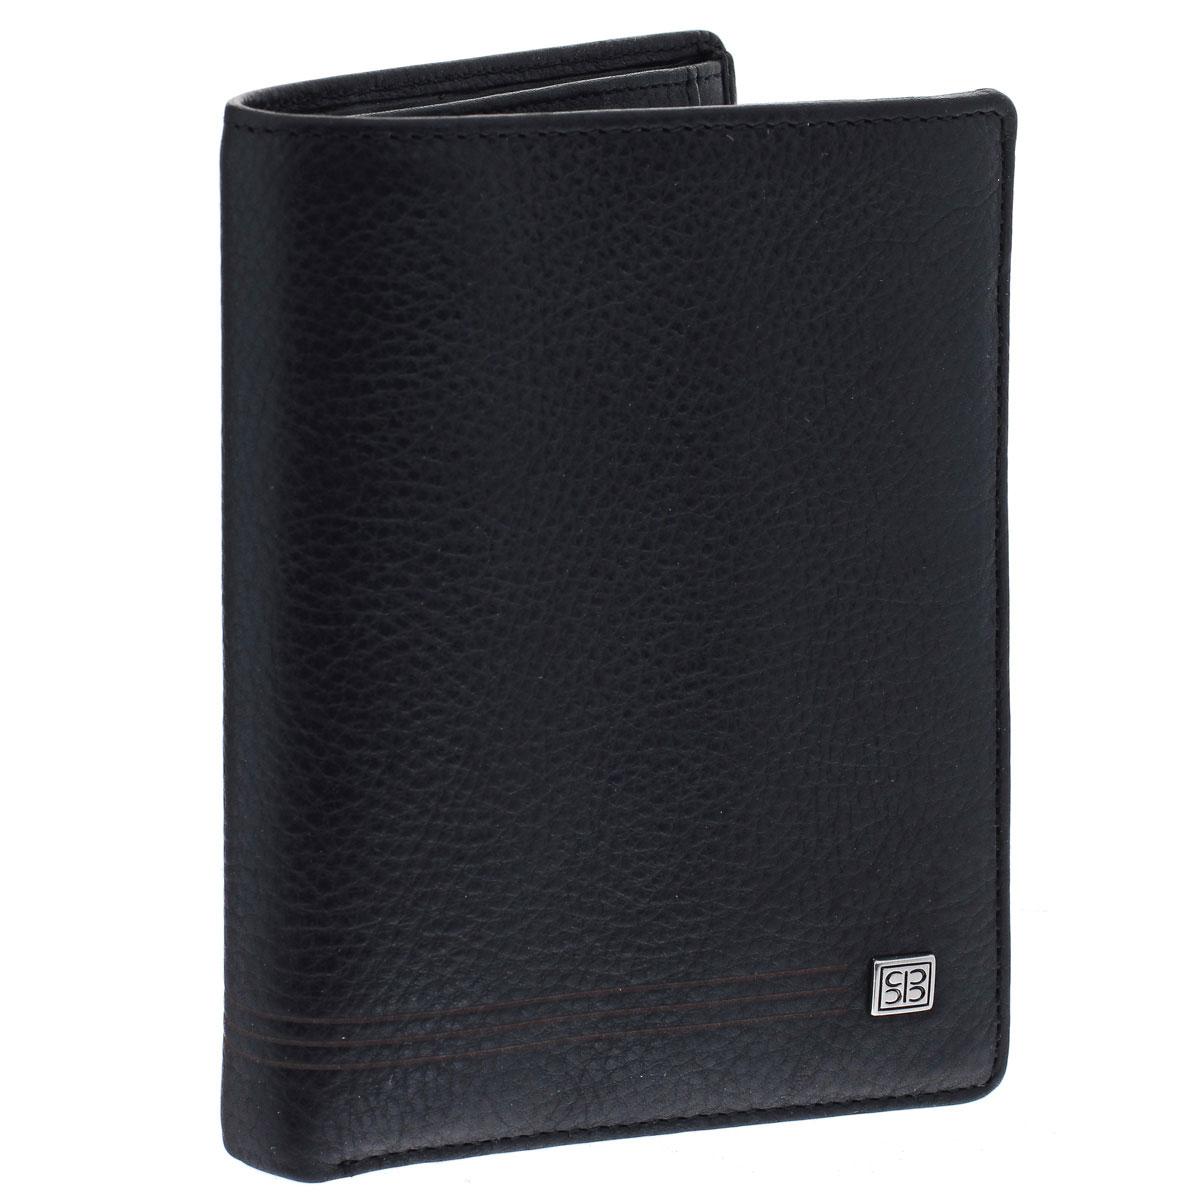 Портмоне мужское Sergio Belotti, цвет: черный. 1022INT-06501Вертикальное портмоне Sergio Belotti выполнено из высококачественной натуральной кожи, дубленой с использованием экстрактов растительного происхождения.Внутри два отделения для купюр, отделение для мелочи, закрывающееся клапаном на кнопке, четыре кармашка для визиток и пластиковых карт, пять карманов для мелких бумаг, а также откидное отделение с карманом сеточкой, потайным кармашком и четырьмя карманами для карт.Изделие упаковано в коробку из плотного картона с логотипом бренда.Это классическое портмоне непременно подойдет к вашему образу и порадует простотой, стилем и функциональностью.